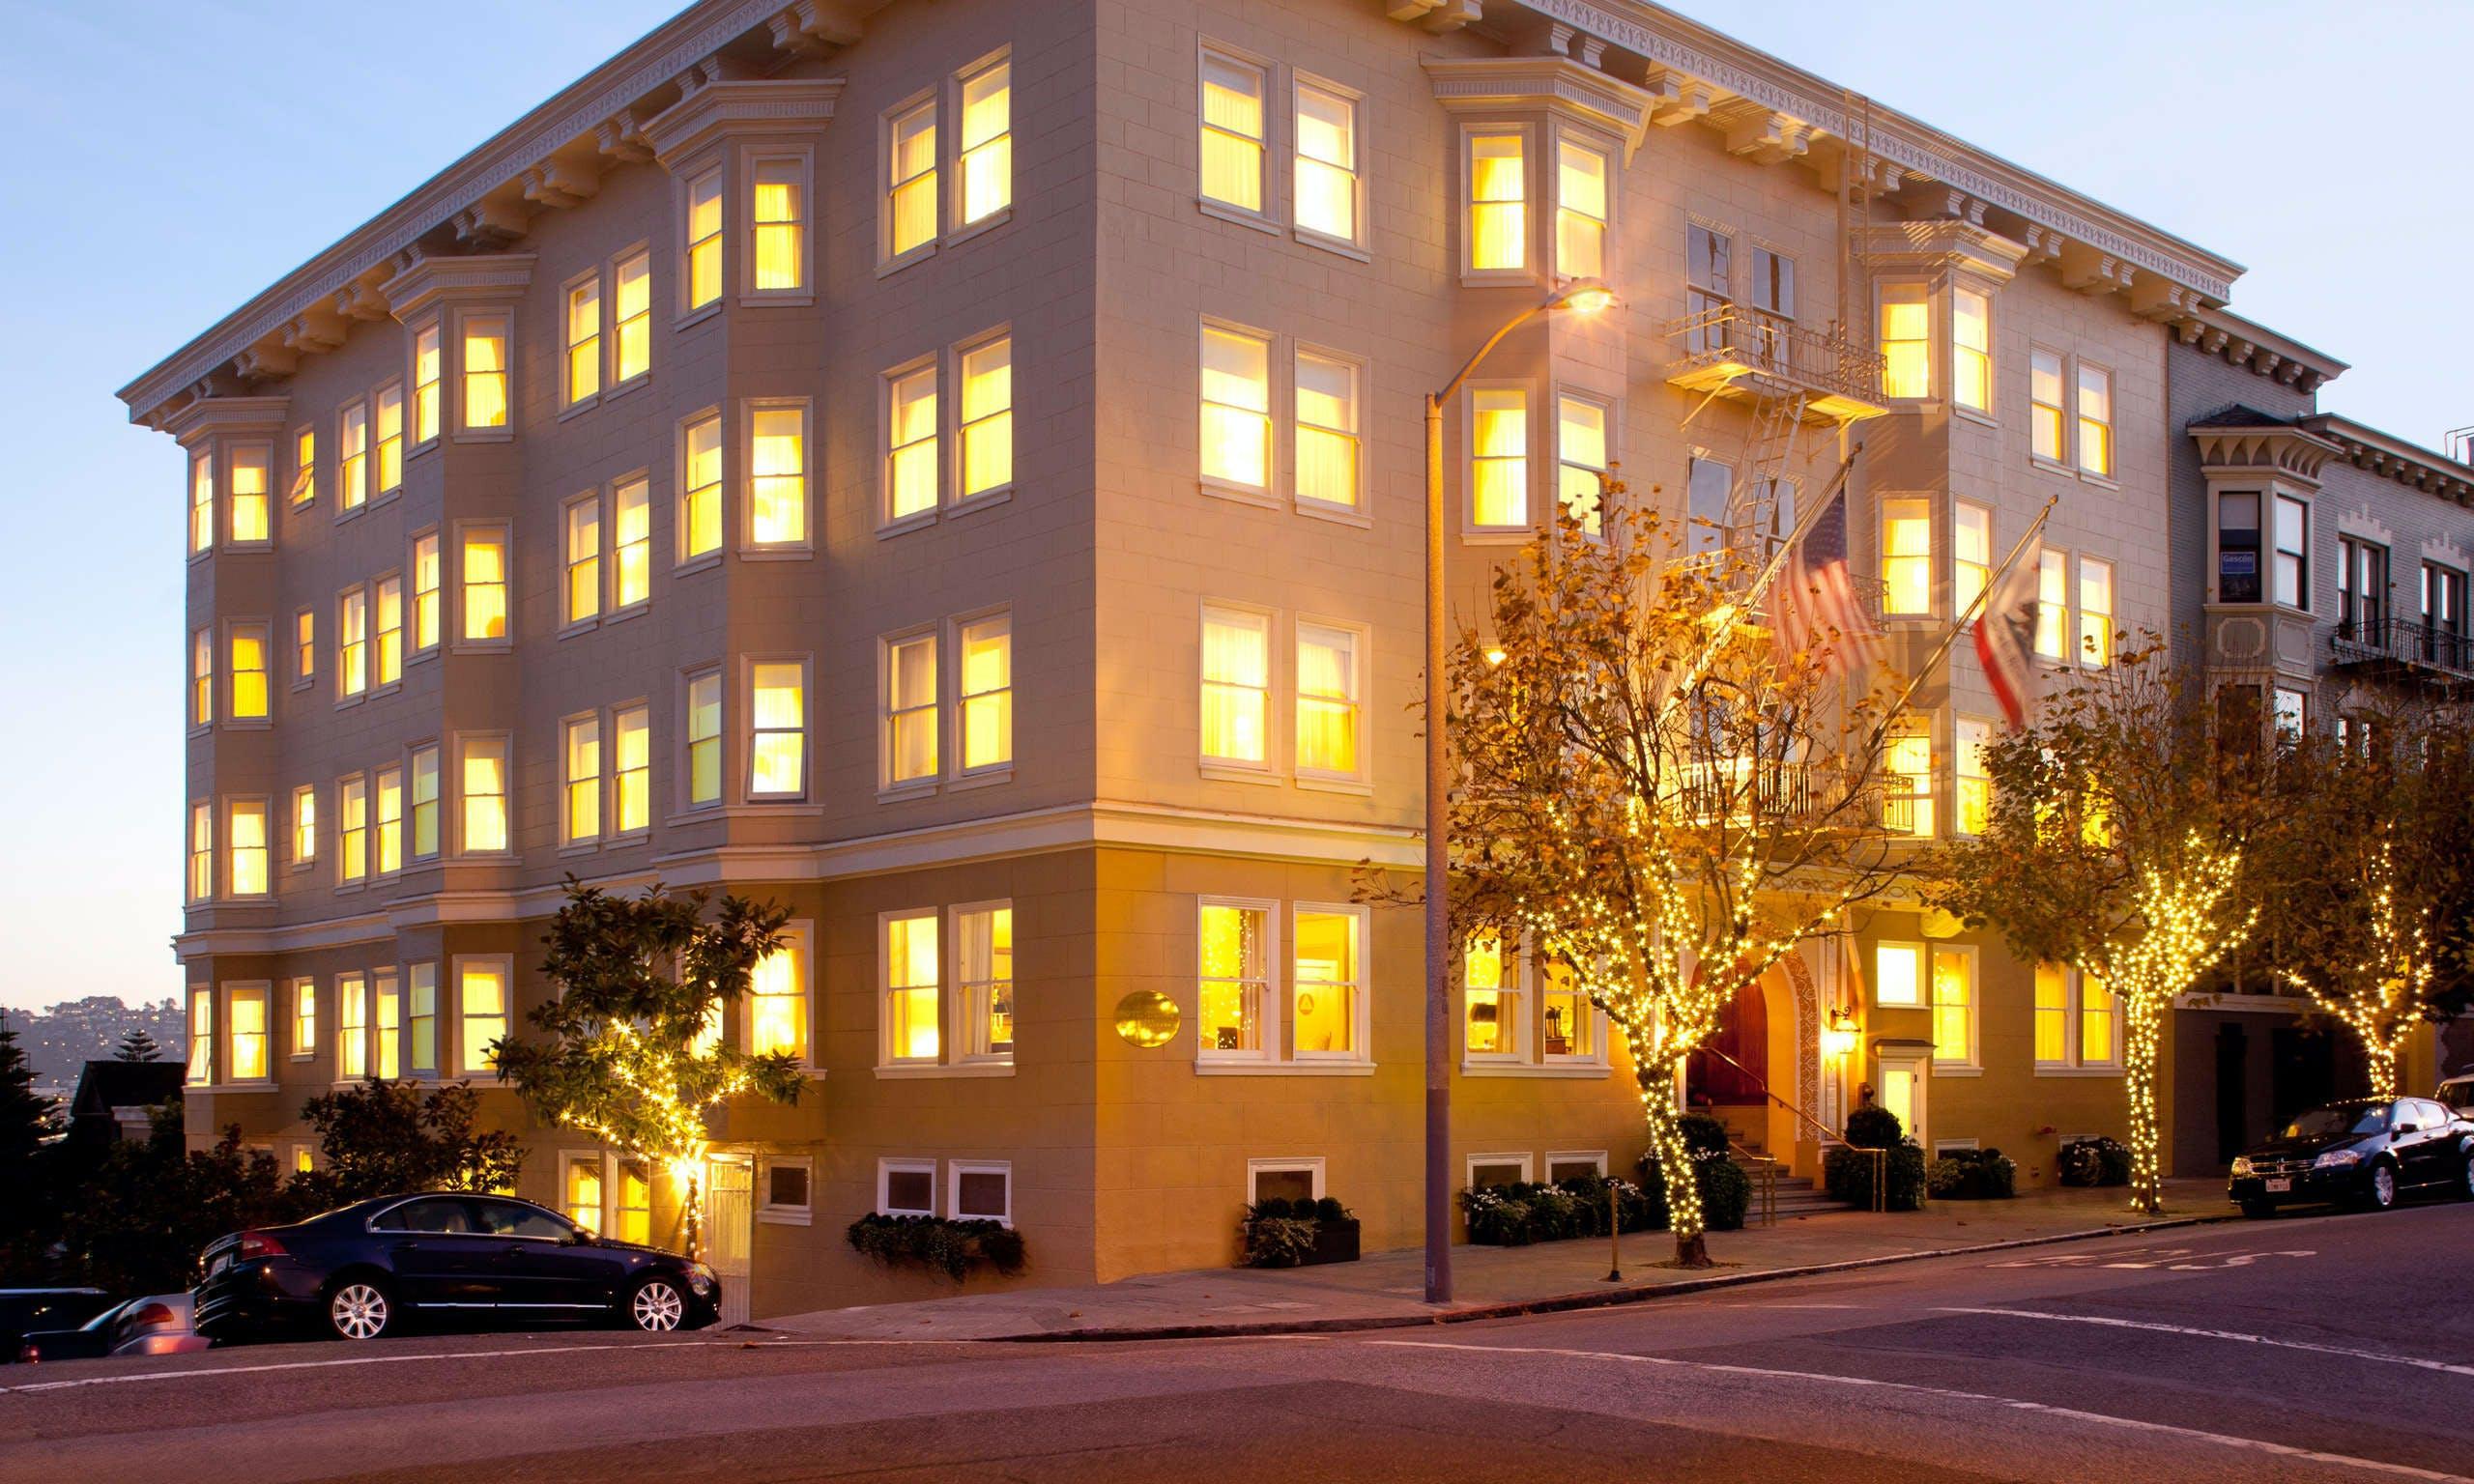 Last Minute Hotel Deals in Marin County - HotelTonight